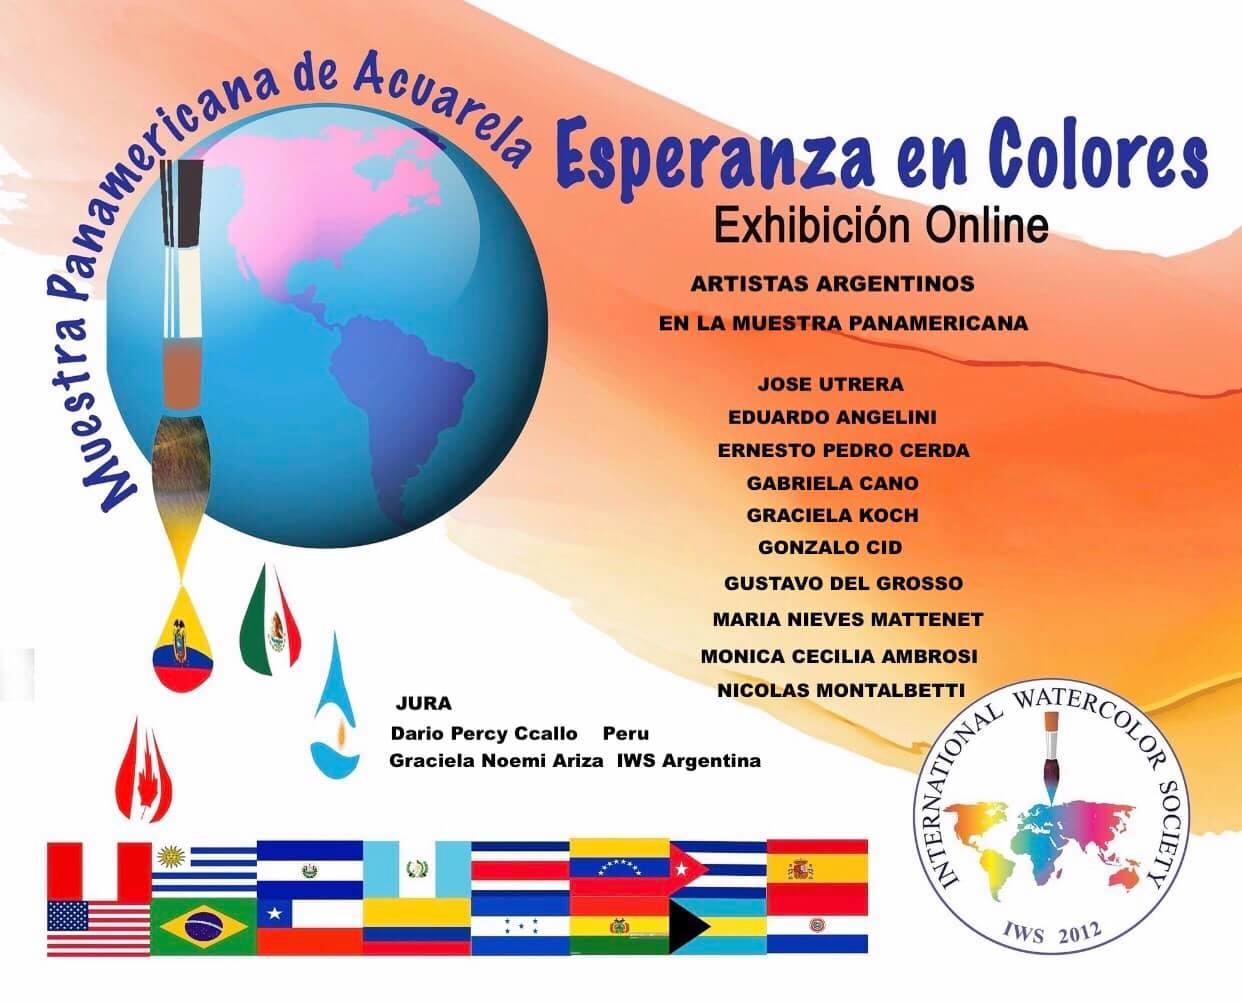 Pan American watercolor exhibition